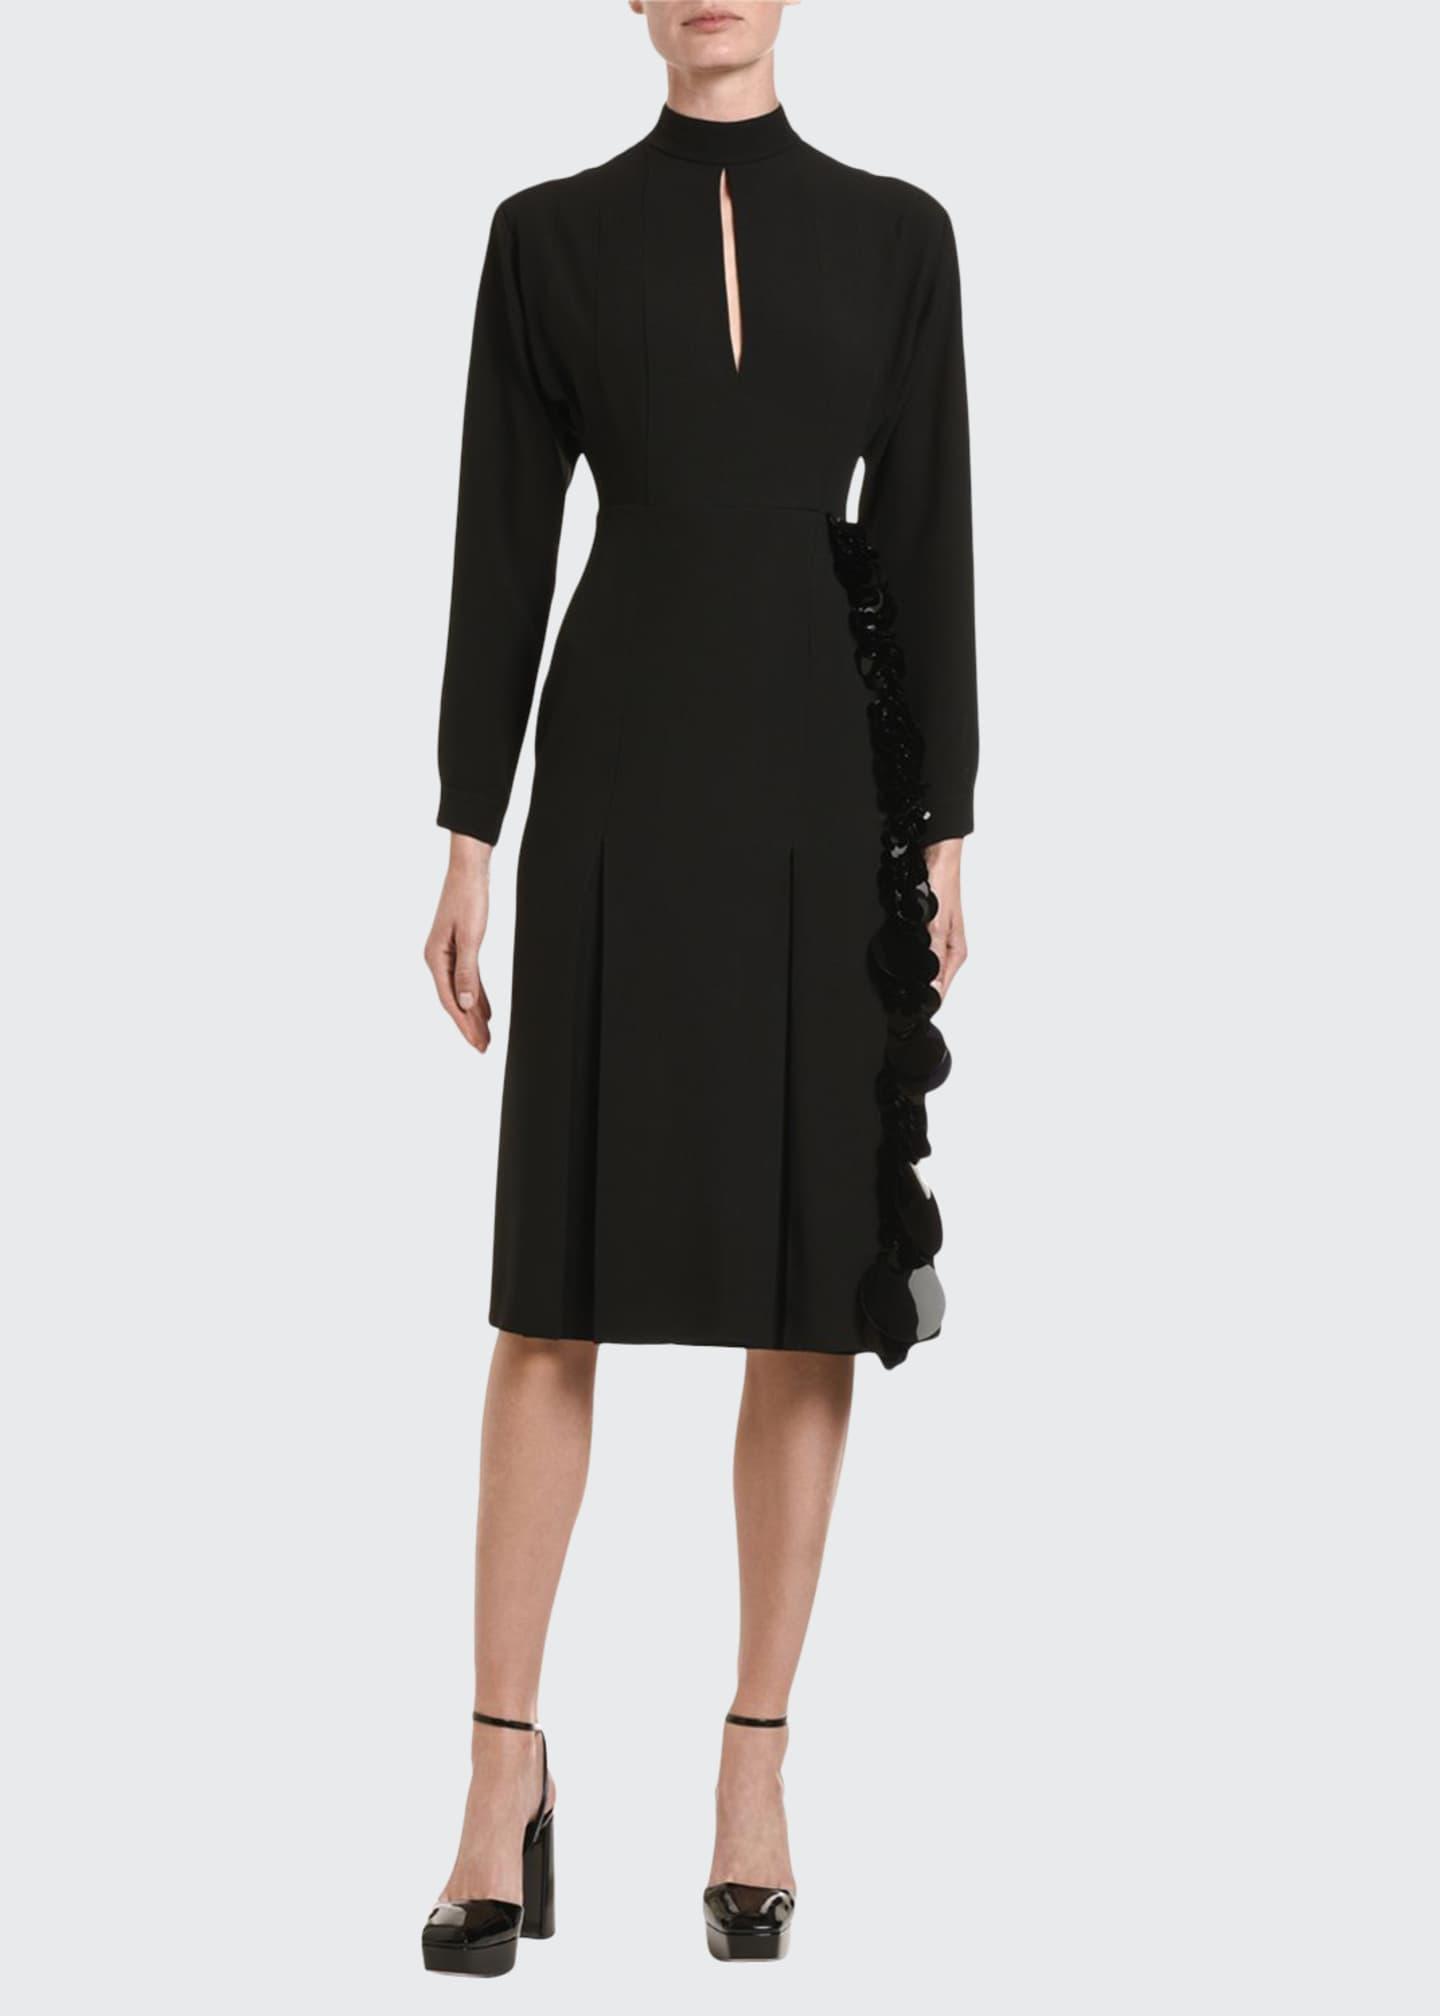 Prada Crepe Sequin-Skirt Long-Sleeve Dress